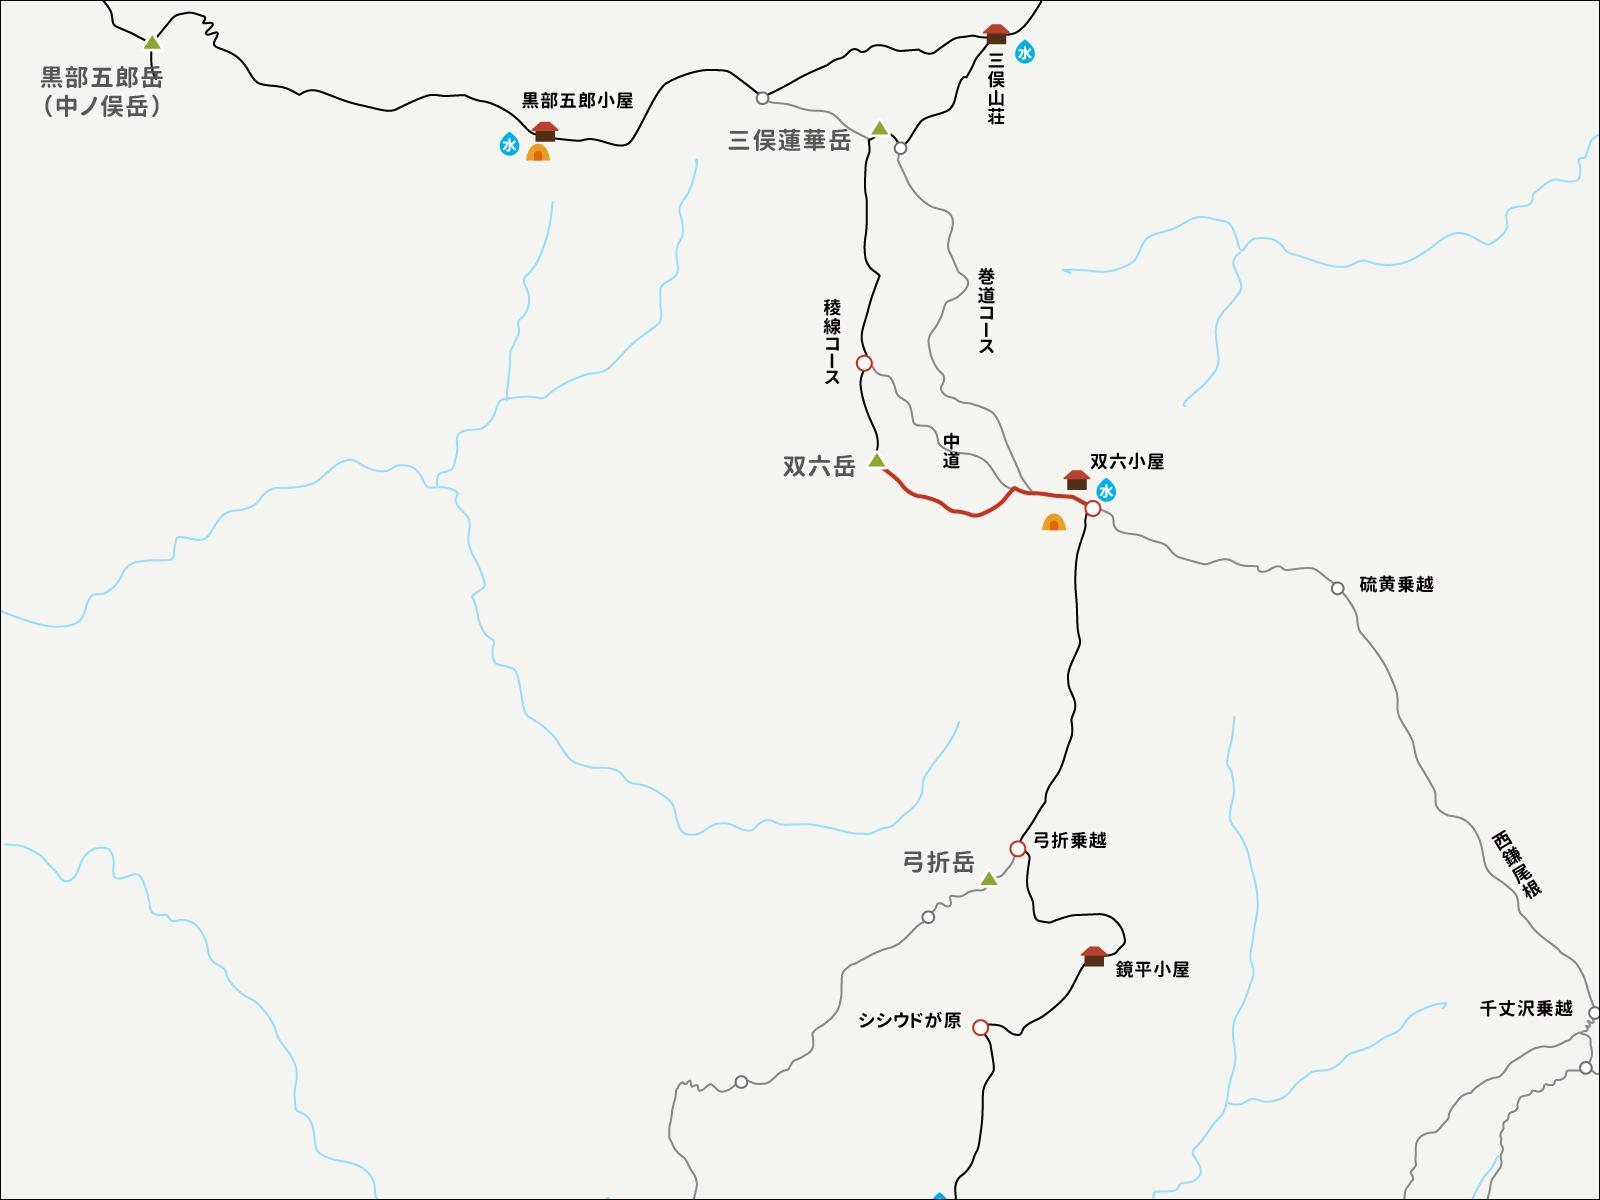 双六岳から双六小屋までのイラストマップ